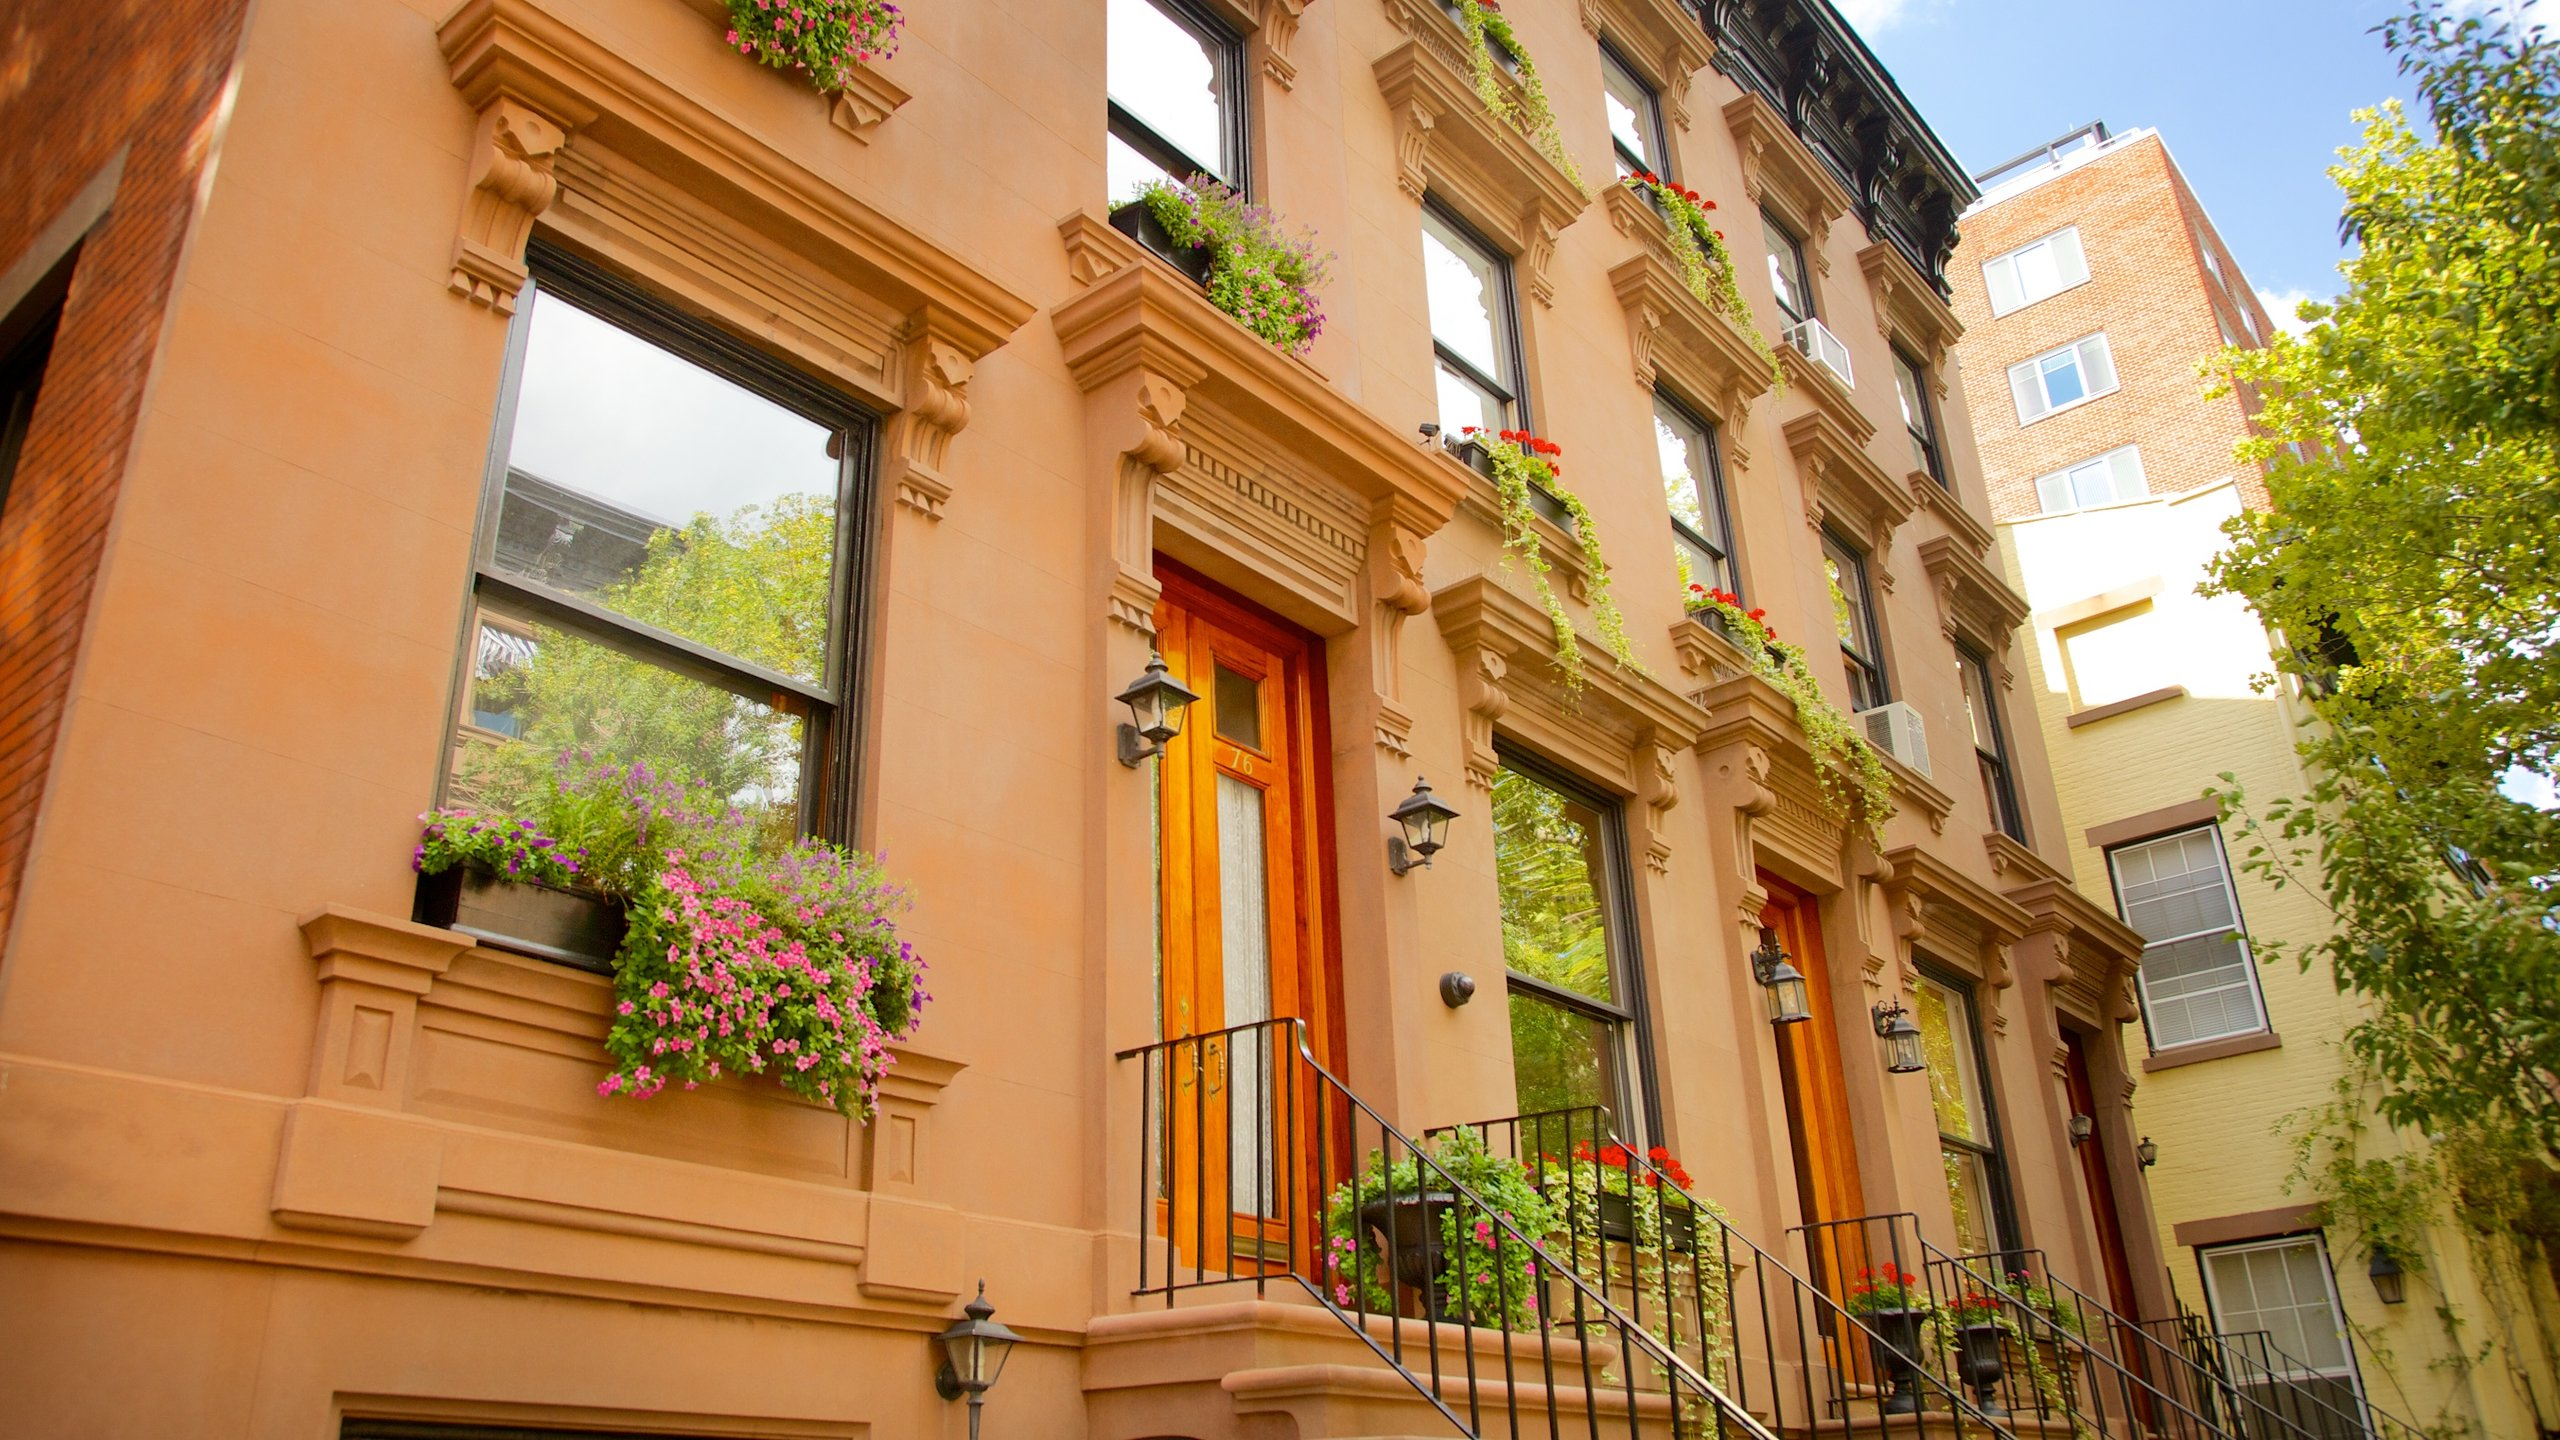 Brooklyn Heights, Brooklyn, New York, United States of America